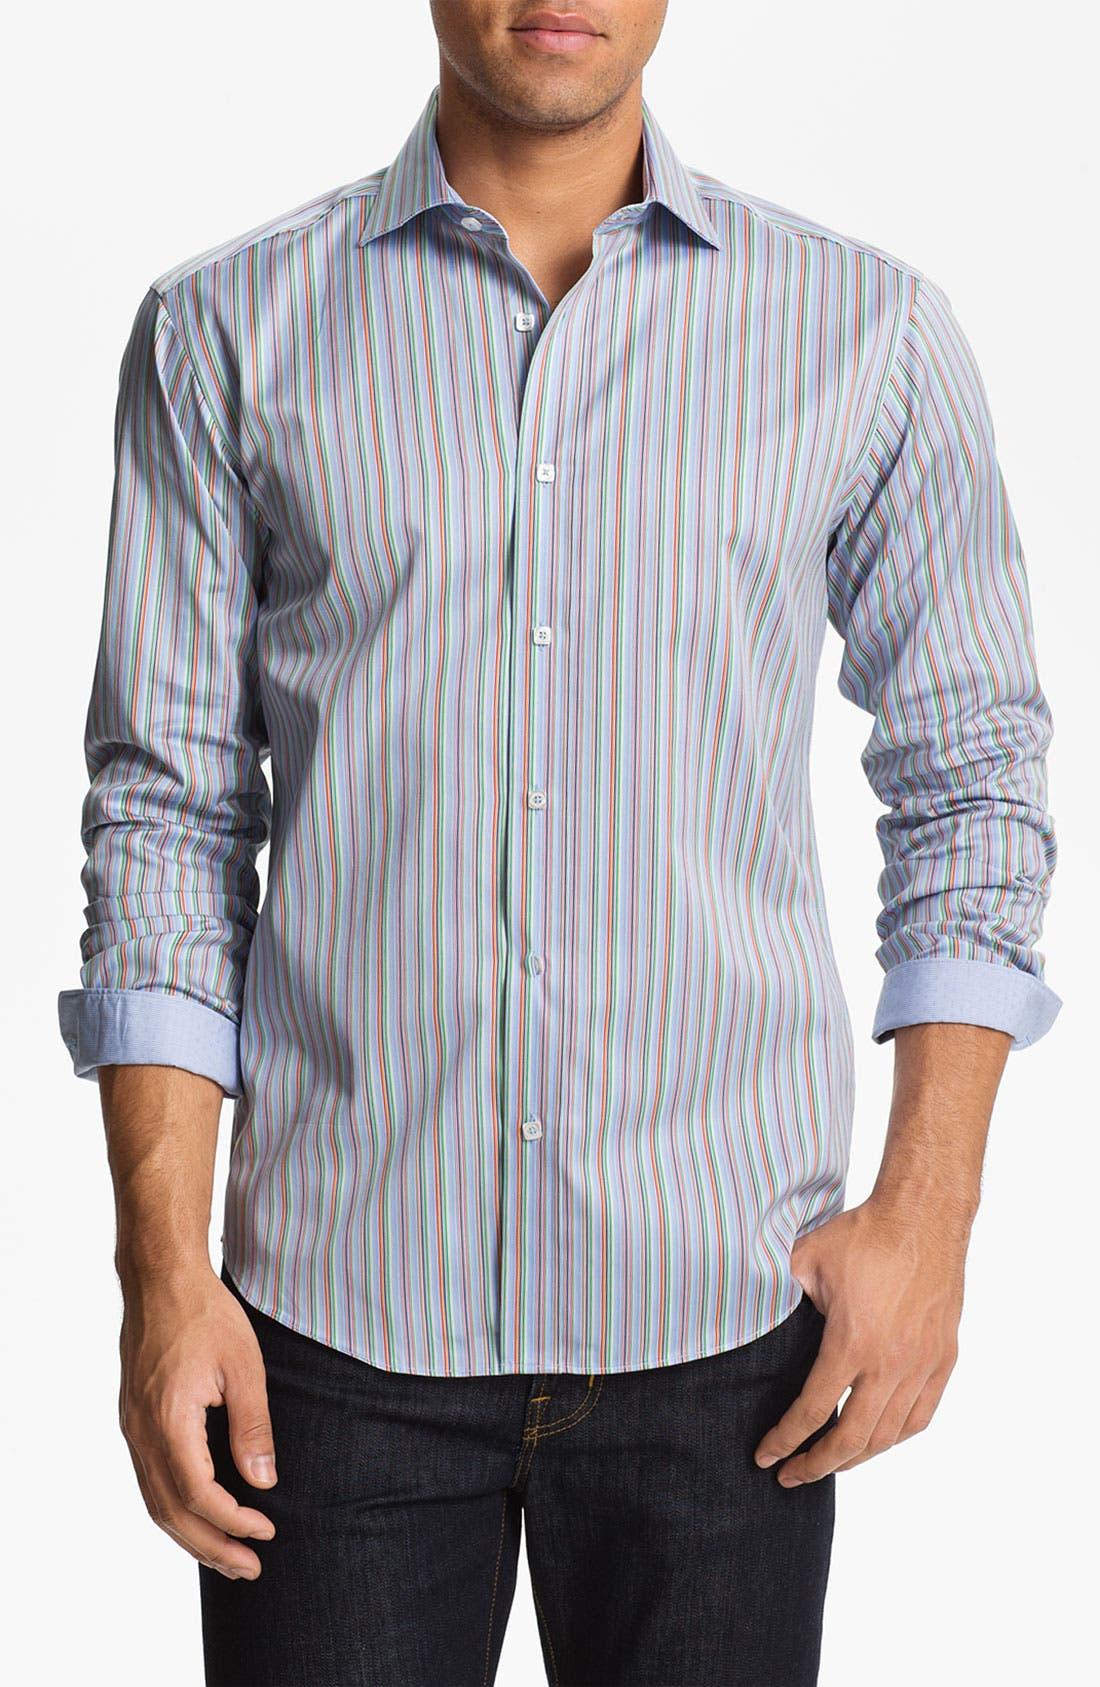 Main Image - BUGATCHI Shaped Fit Sport Shirt (Tall)